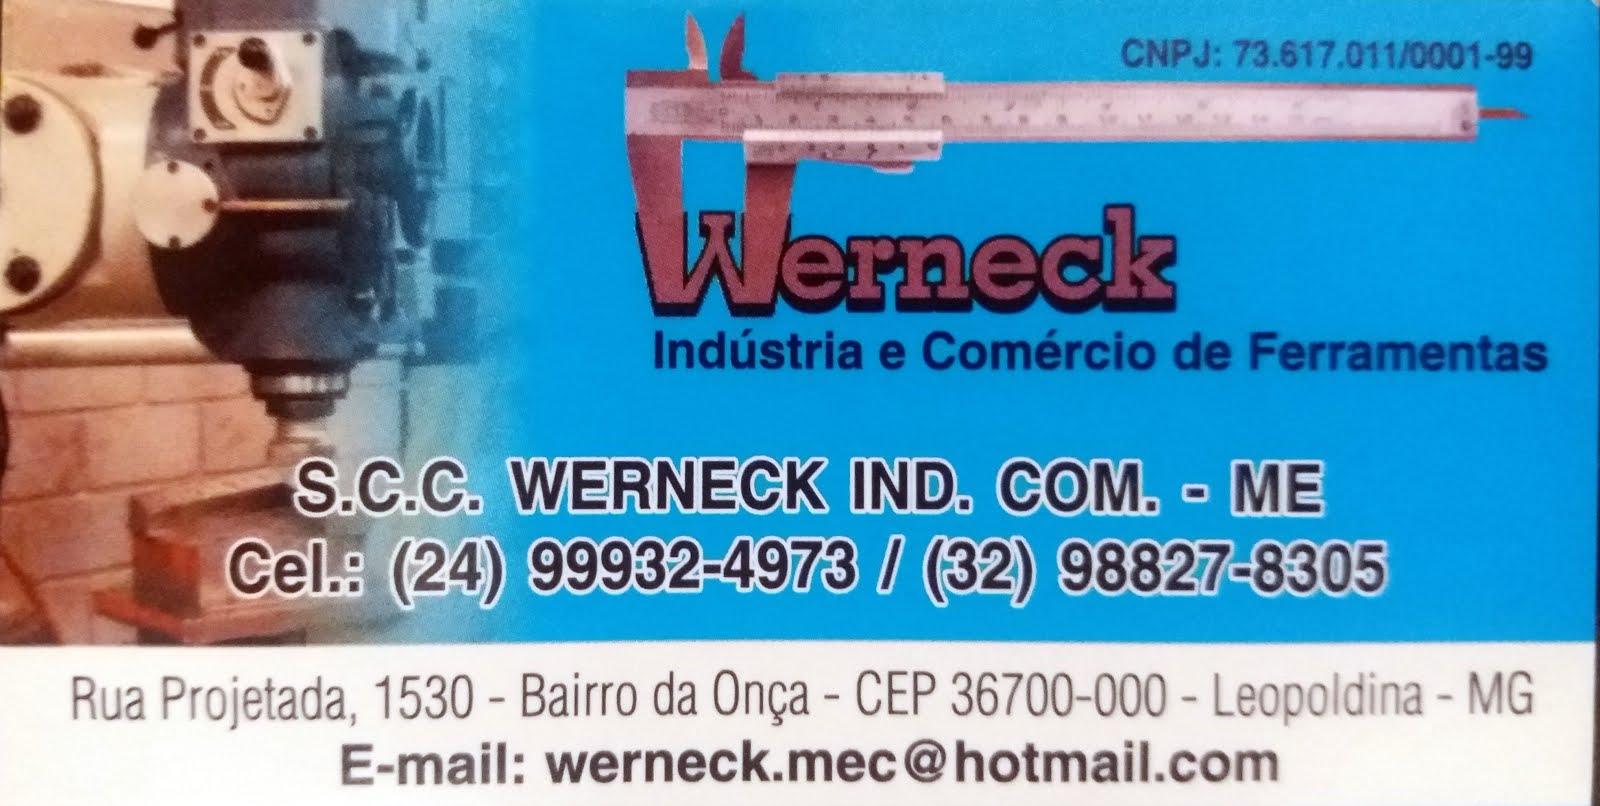 Indústria e Comércio de Ferramentas: